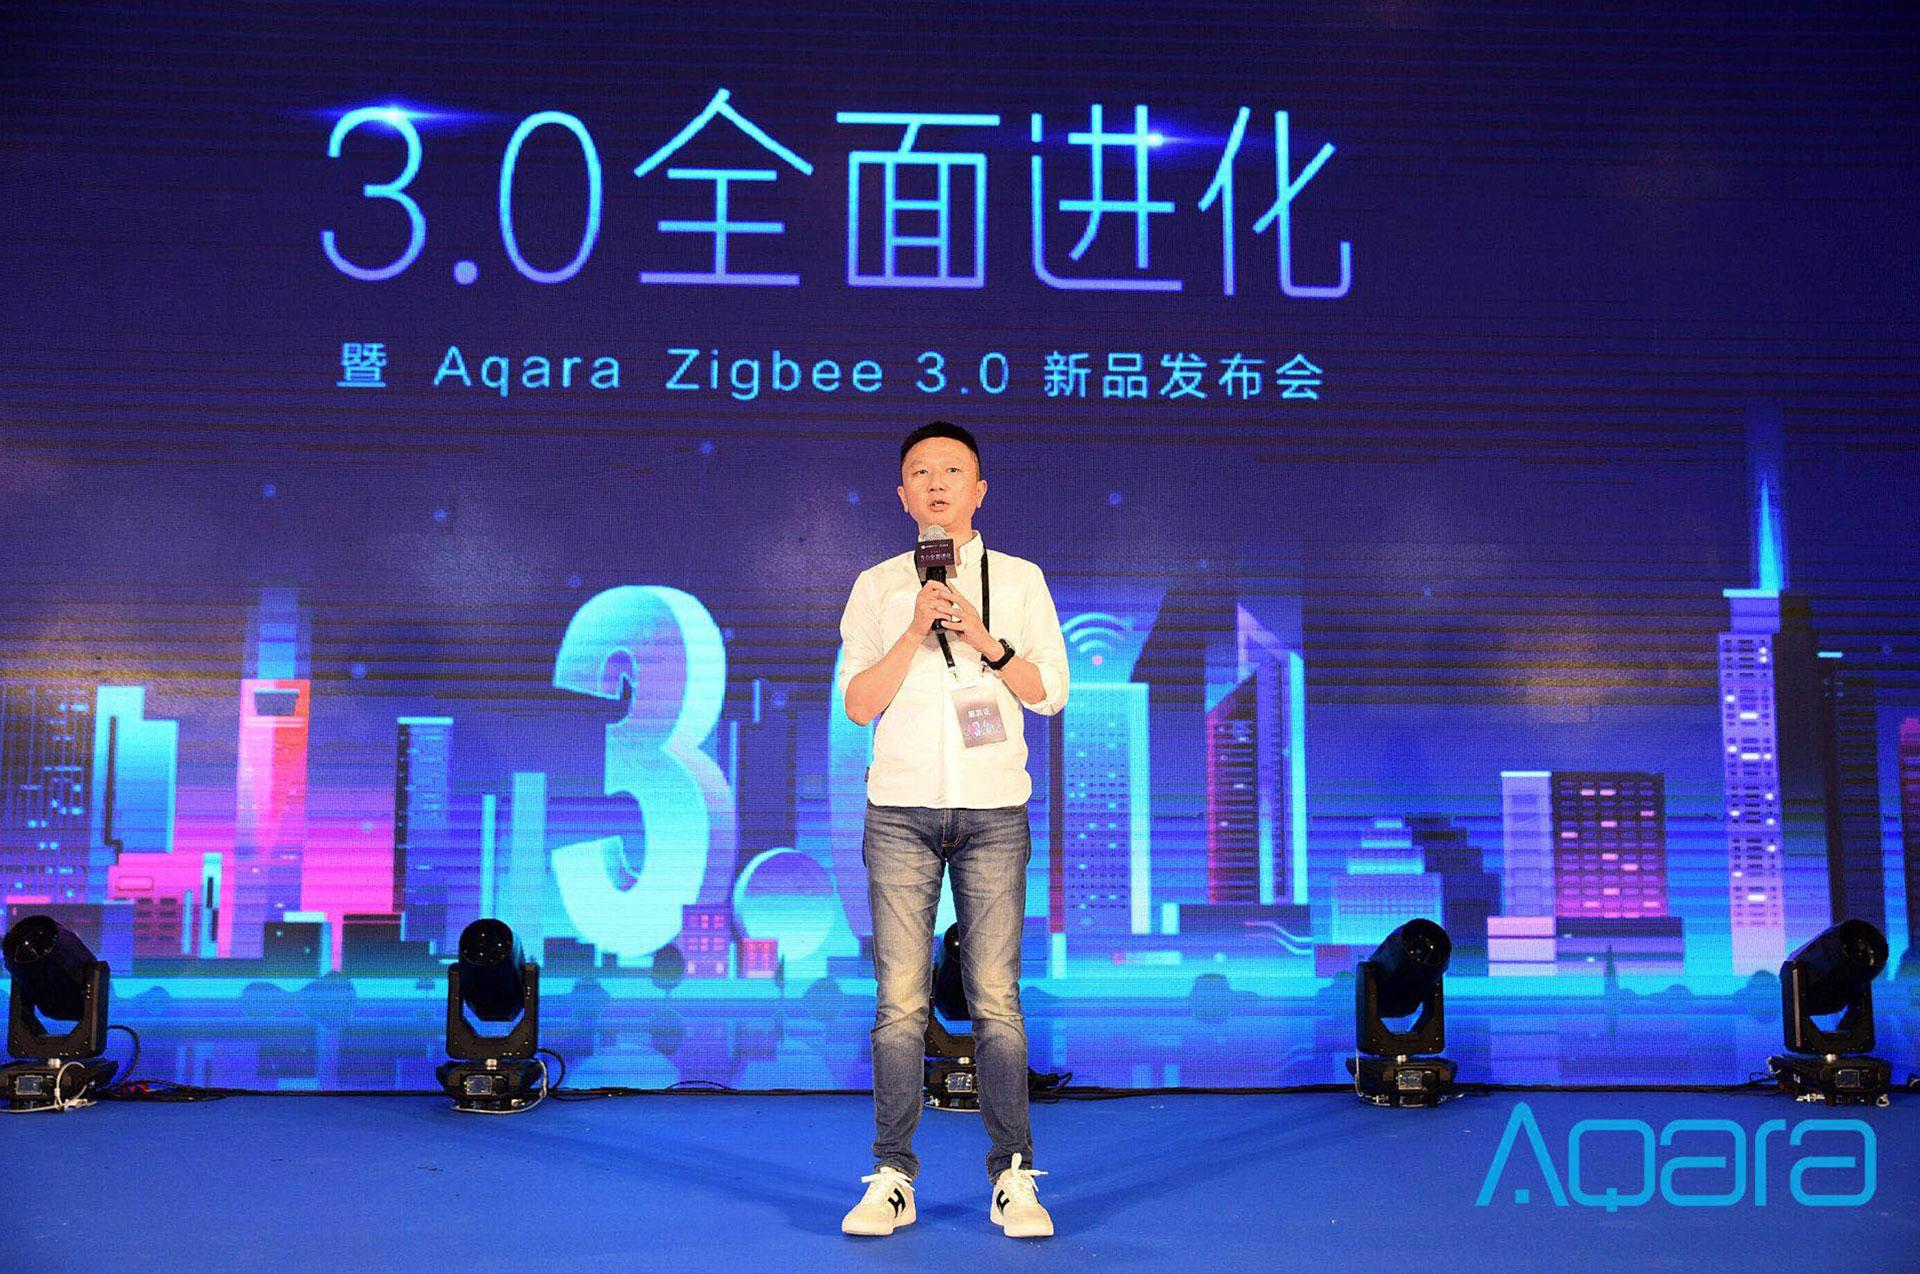 绿米联创发布Aqara Zigbee 3.0智能家居系列产品